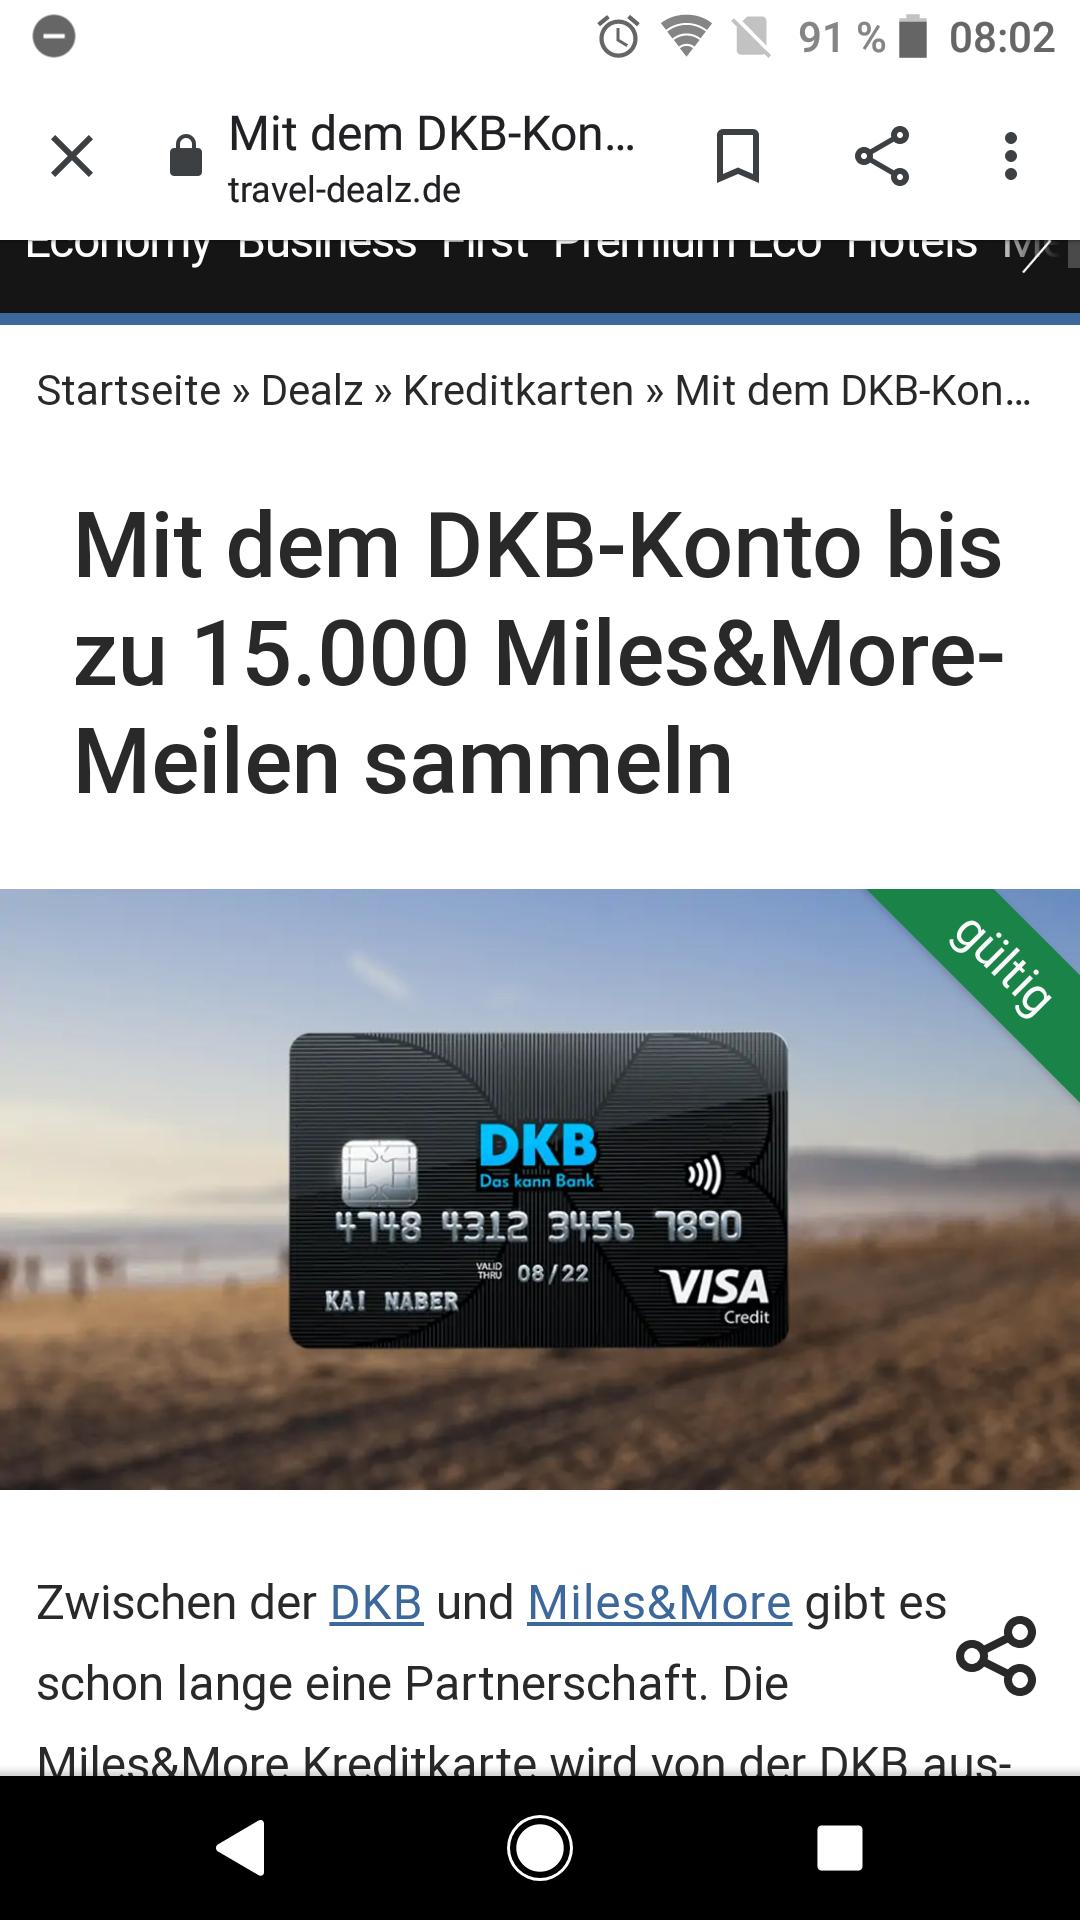 Neukunden Aktion DKB-Konto bis zu 15.000 Miles&More-Meilen sammeln